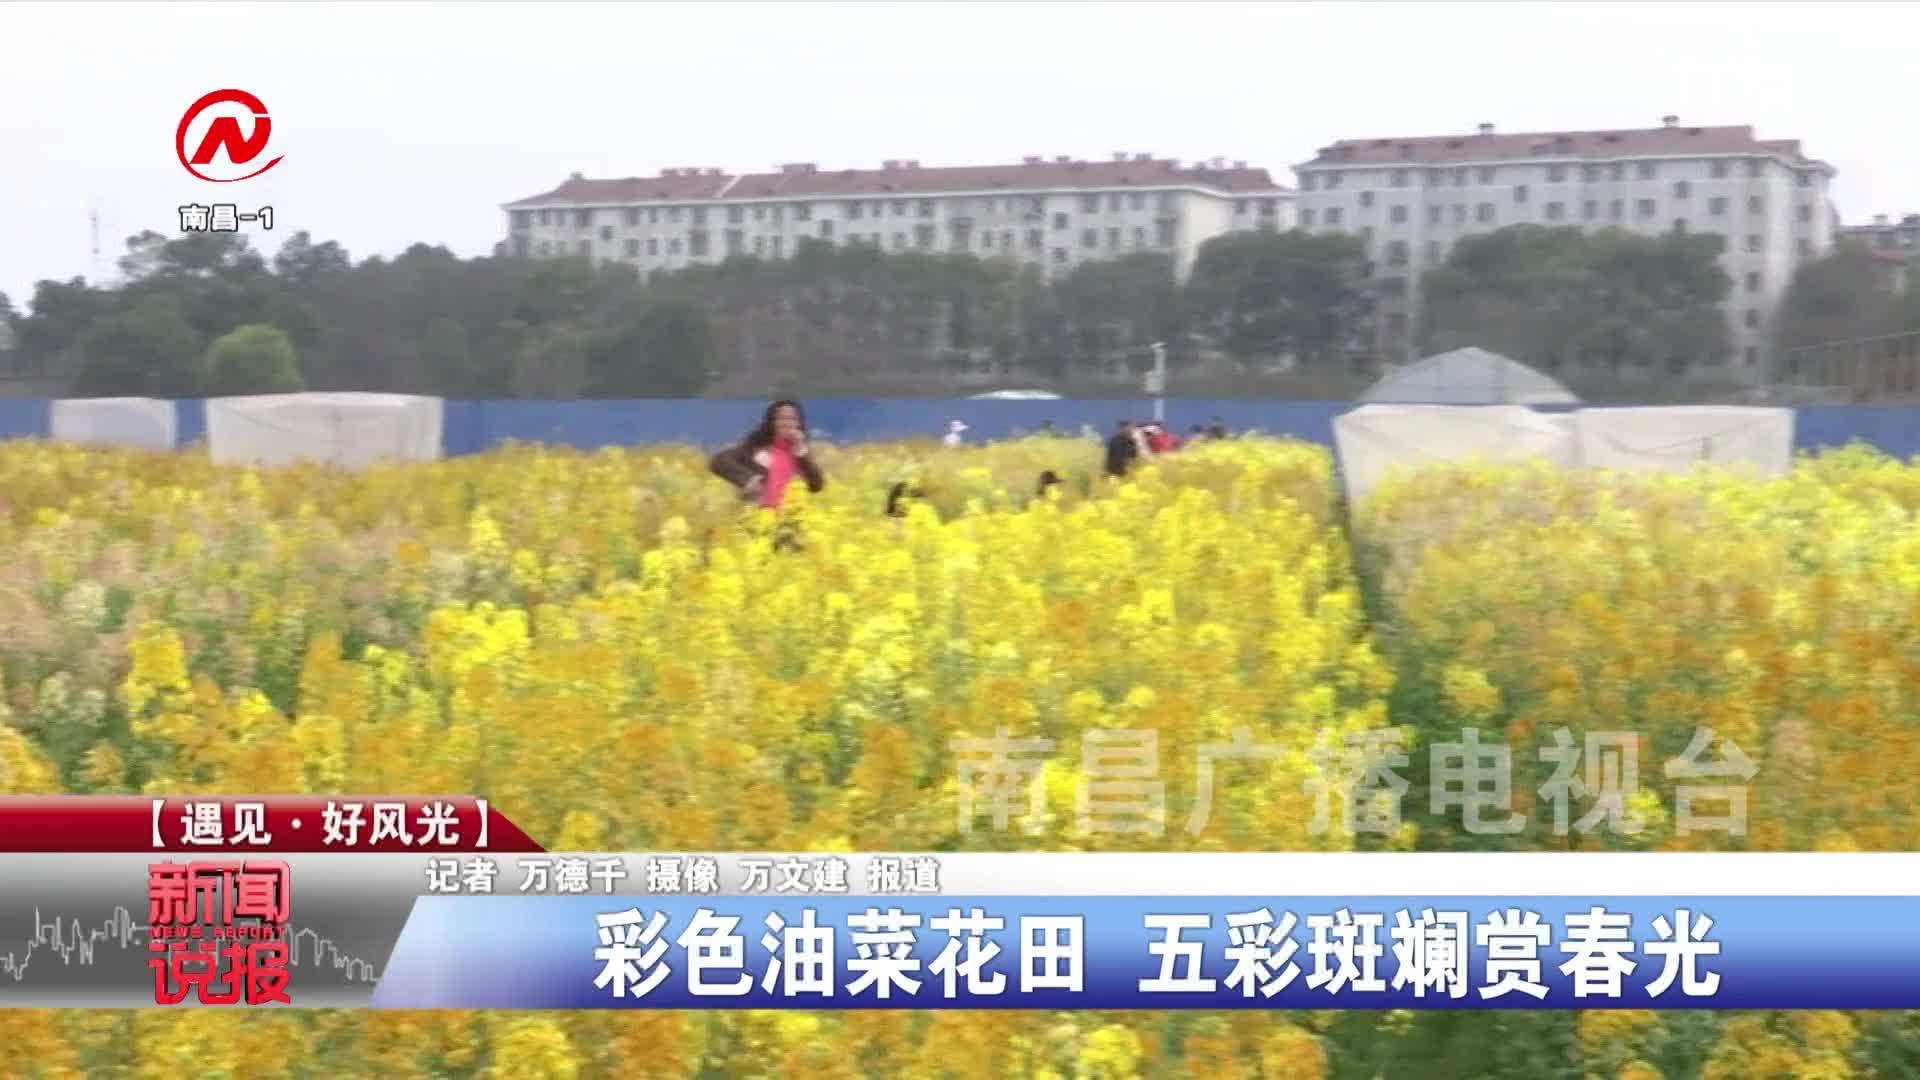 彩色油菜花田 五彩斑斓赏春光